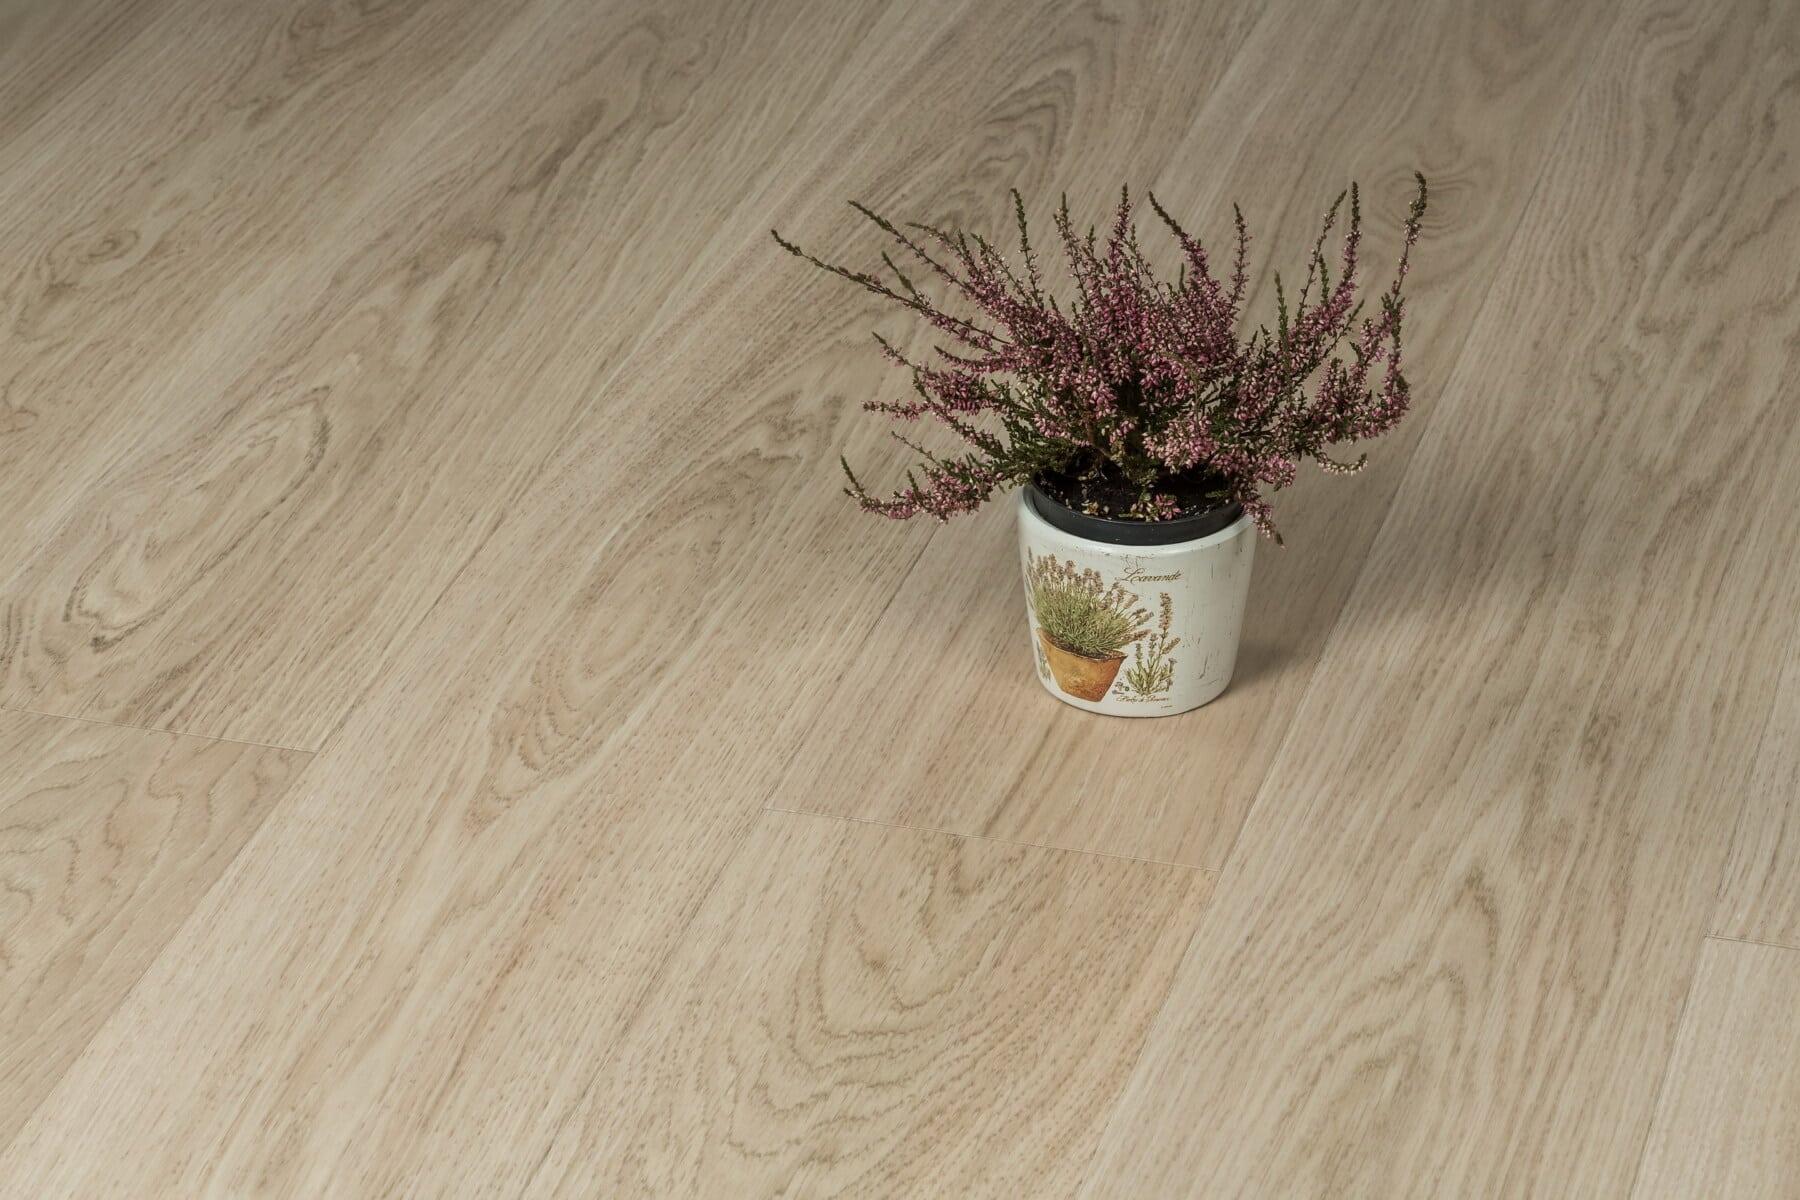 plancher, bois franc, brun clair, pot de fleurs, parquet, bois, feuille, Design d'intérieur, en bois, fleur